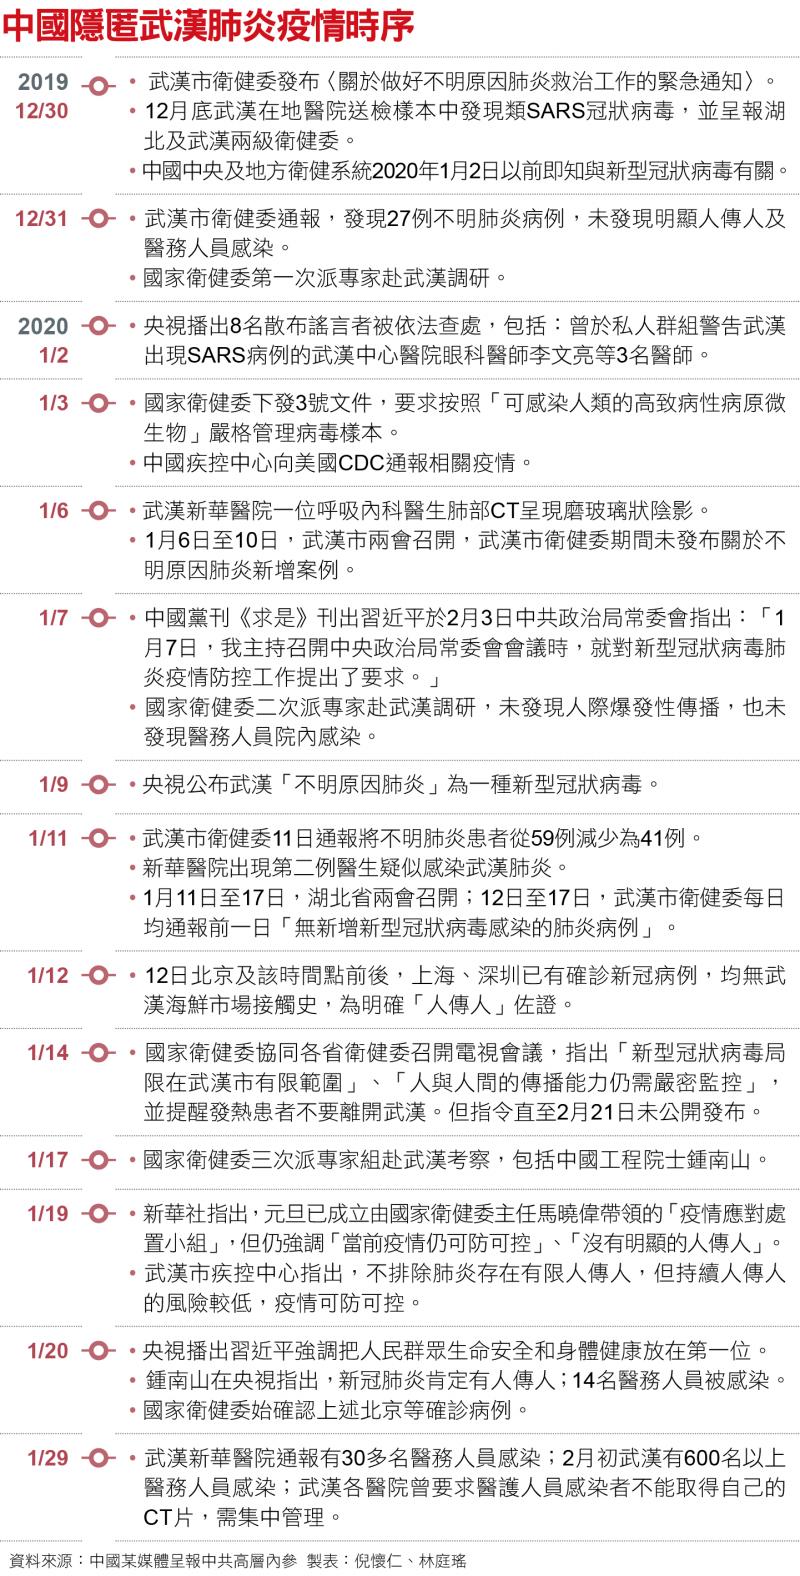 中國隱匿武漢肺炎疫情時序